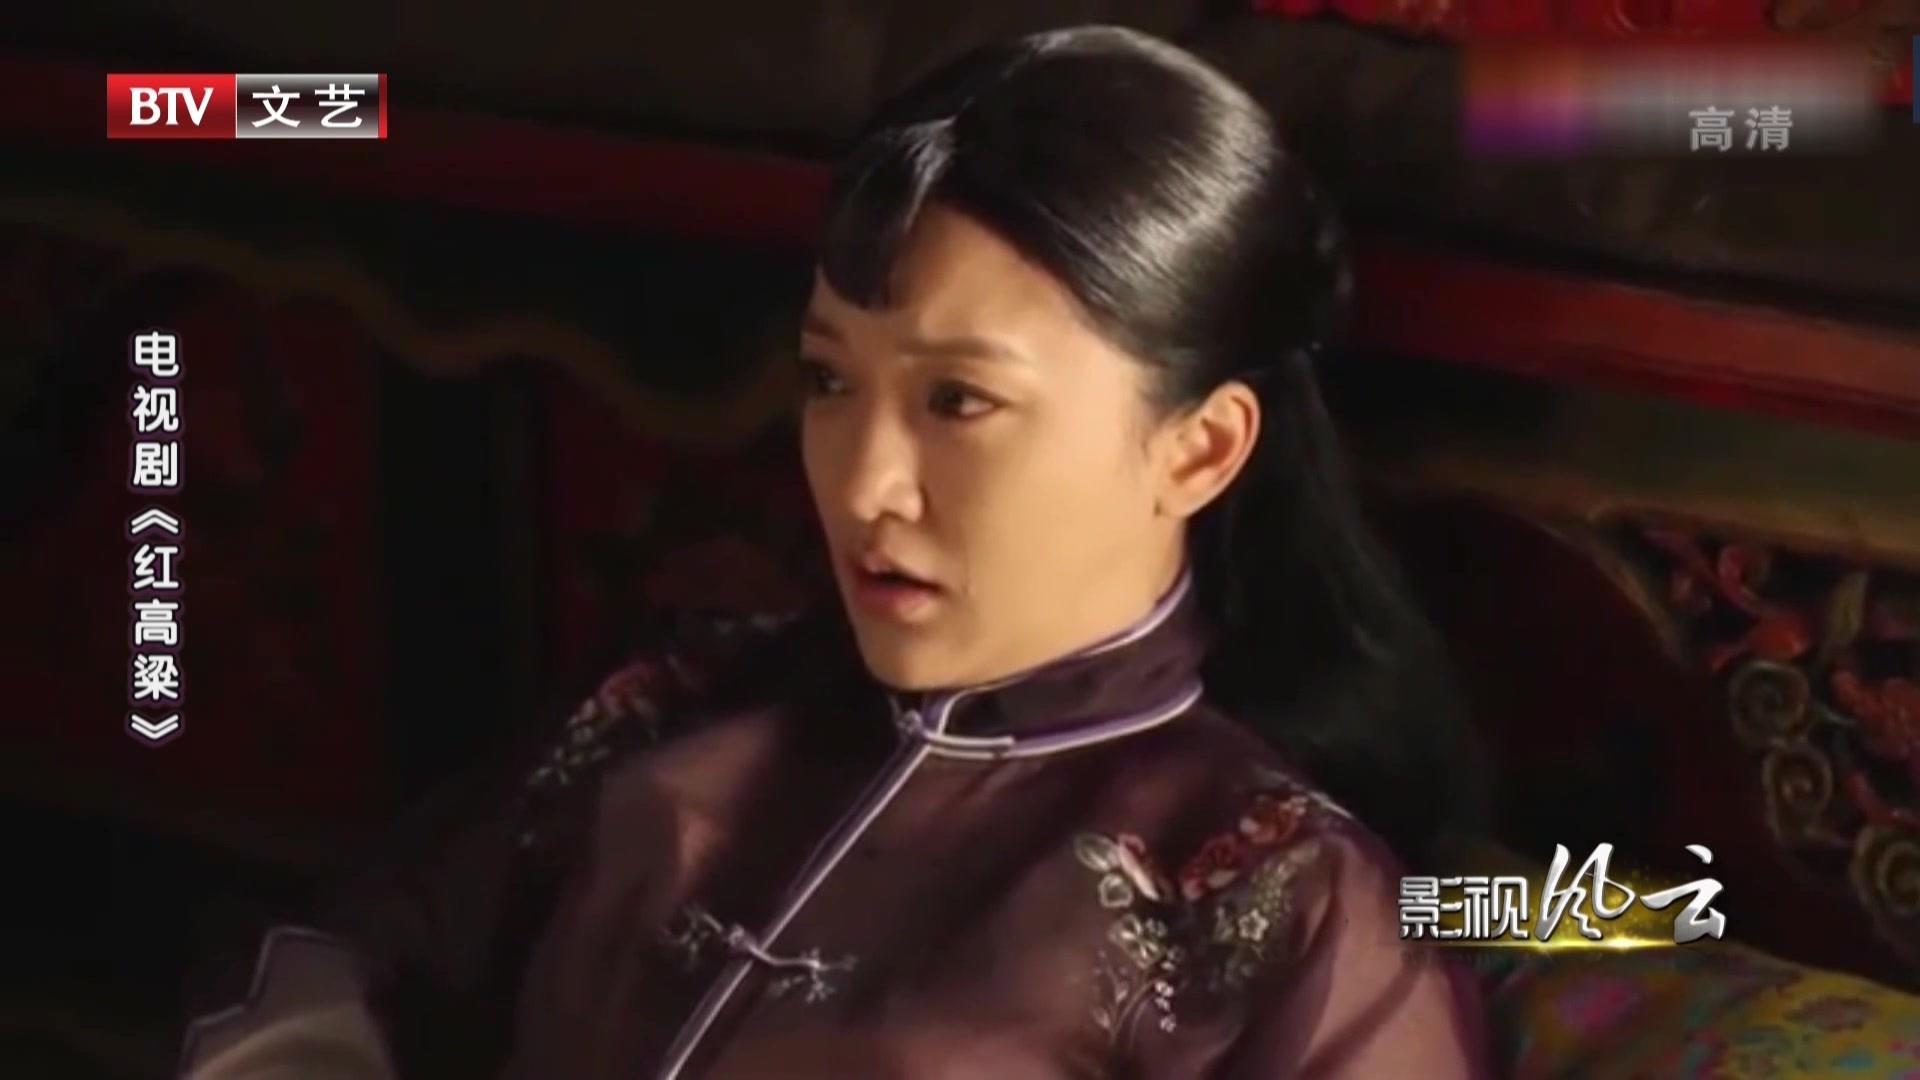 《影视风云》20201125周迅 朱亚文 黄轩 郑晓龙  情系《红高粱》